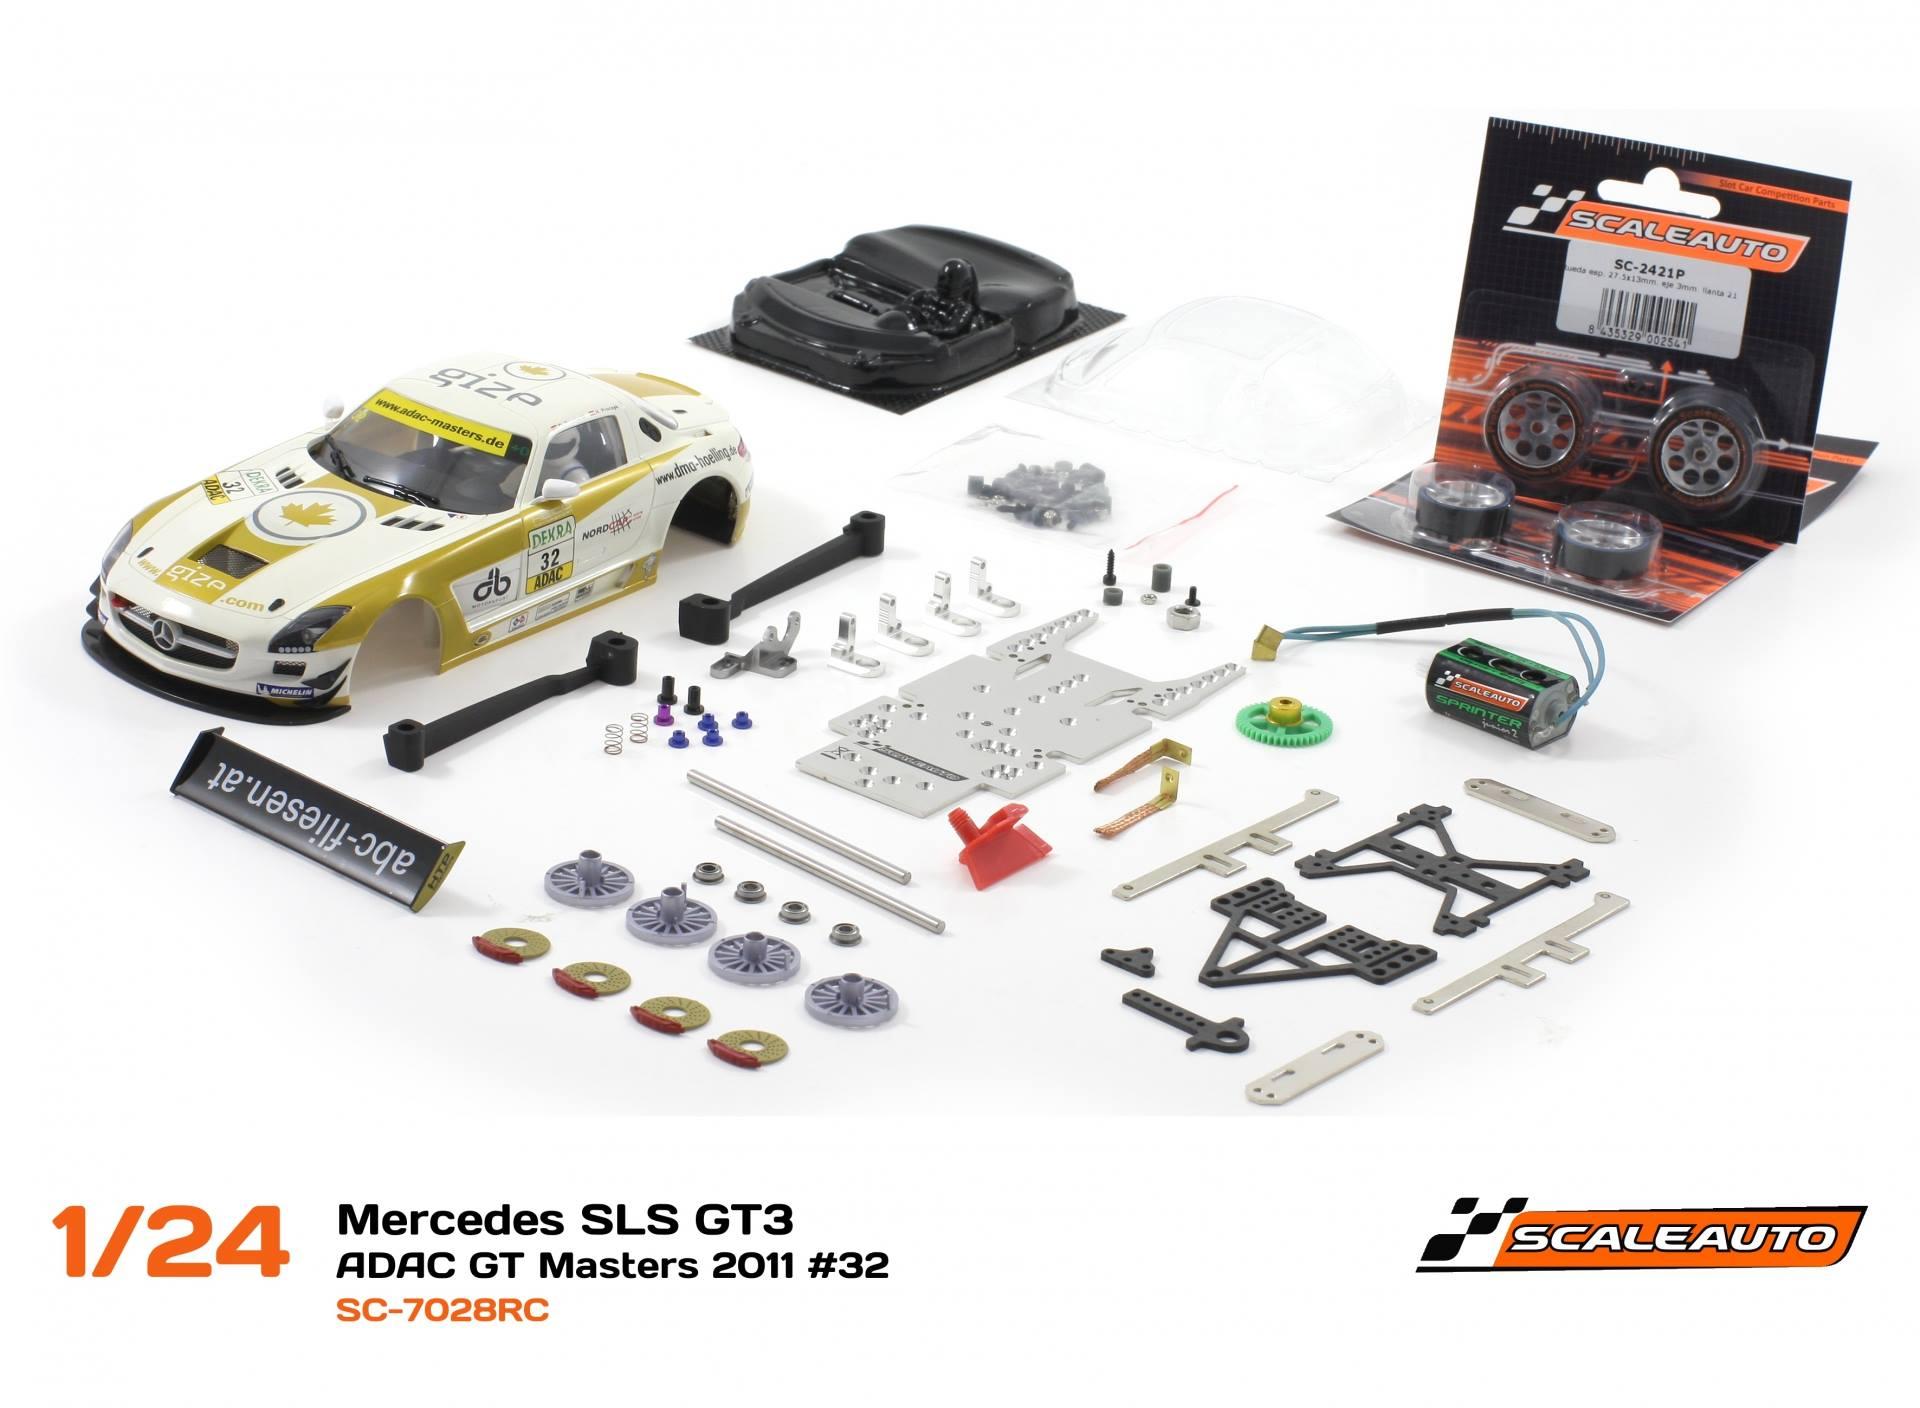 Mercedes SLS GT3 – ADAC GT Masters 2011 #32 – SC-7028RC